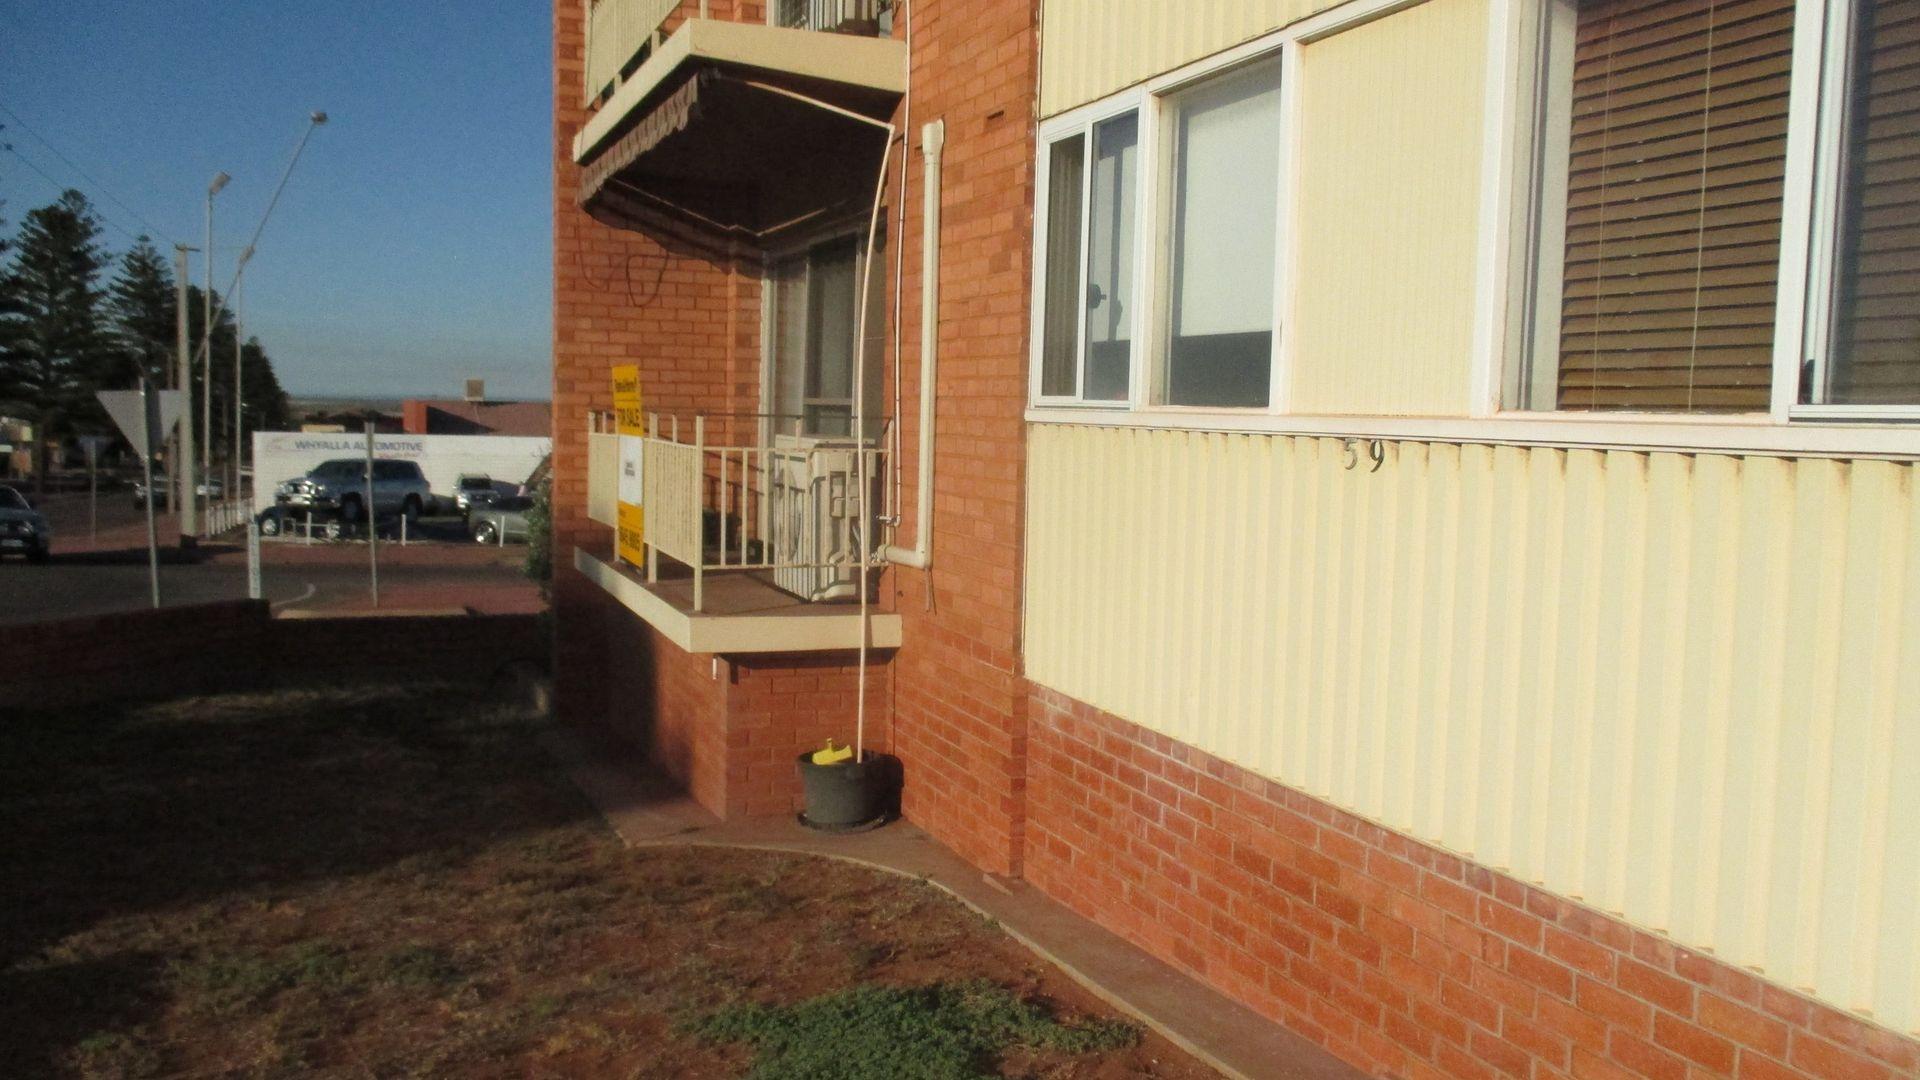 2/59 Essington Lewis Avenue, Whyalla SA 5600, Image 1